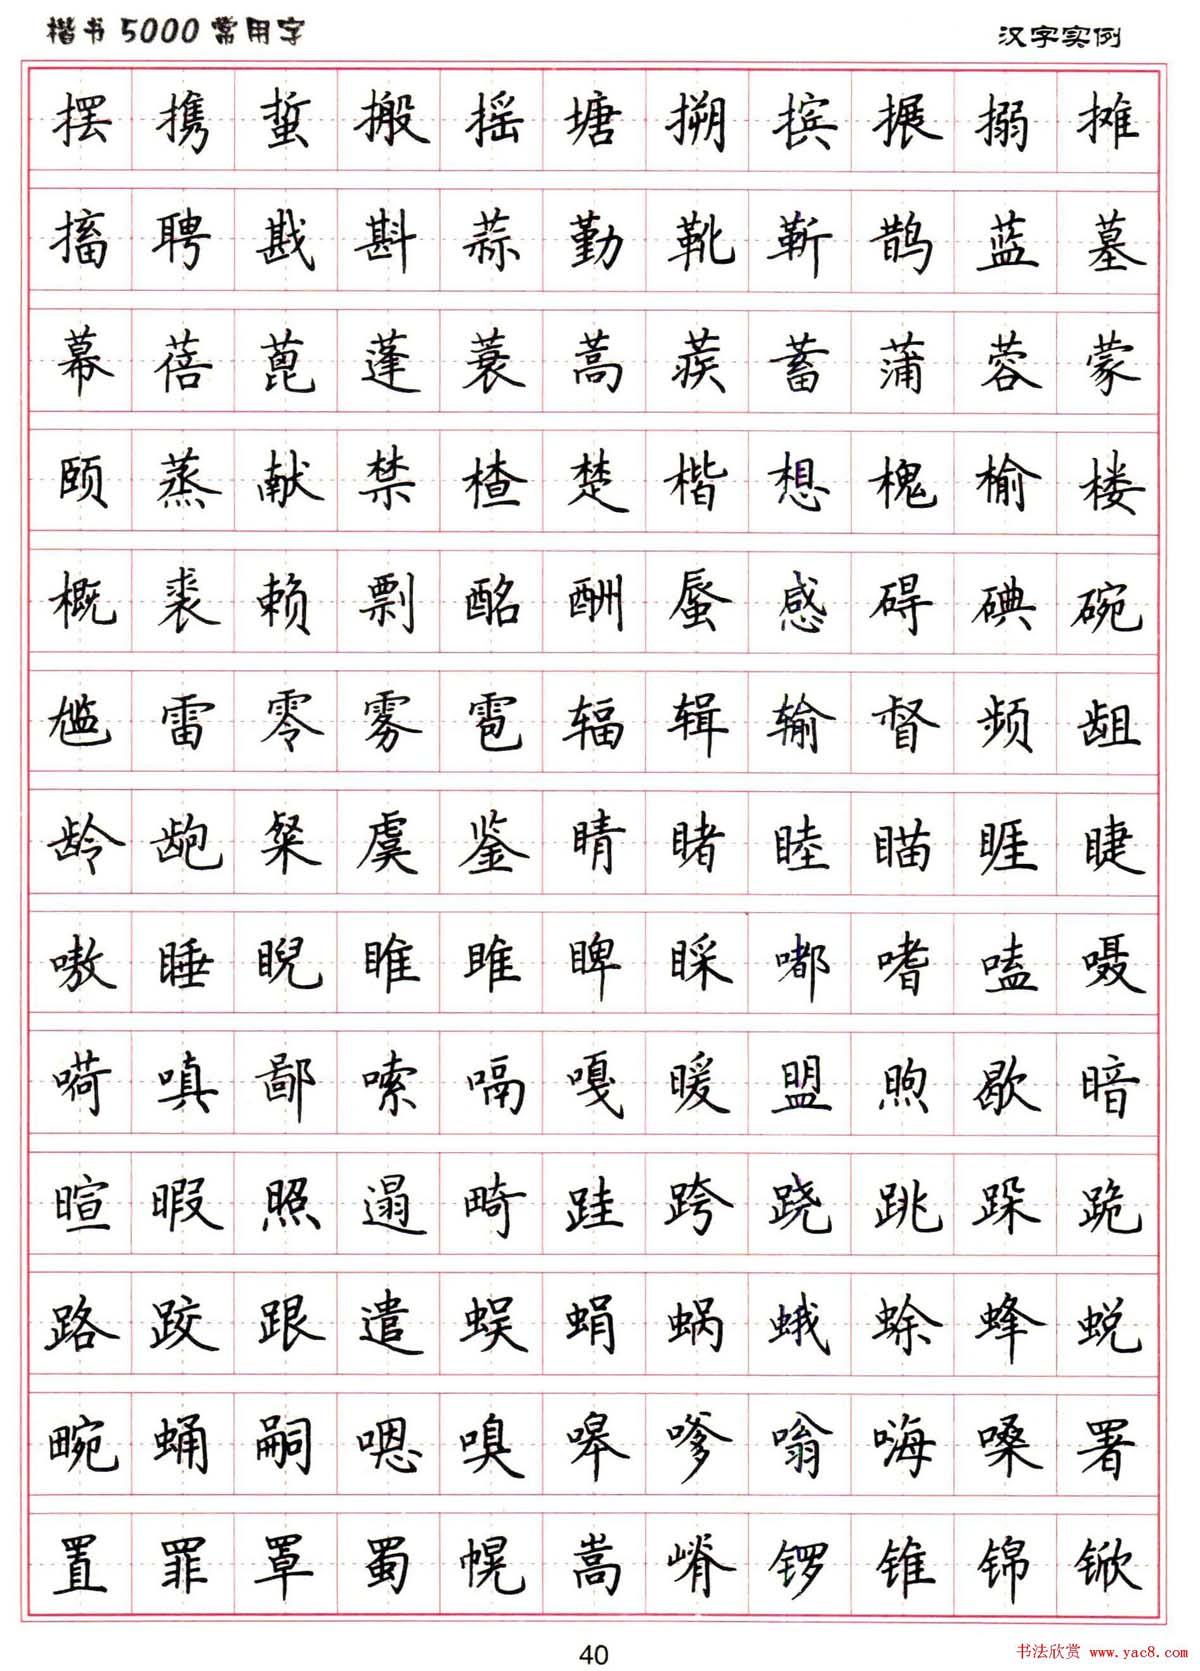 硬笔书法字帖下载 楷书5000常用字 第41页 钢笔字帖 书法欣赏